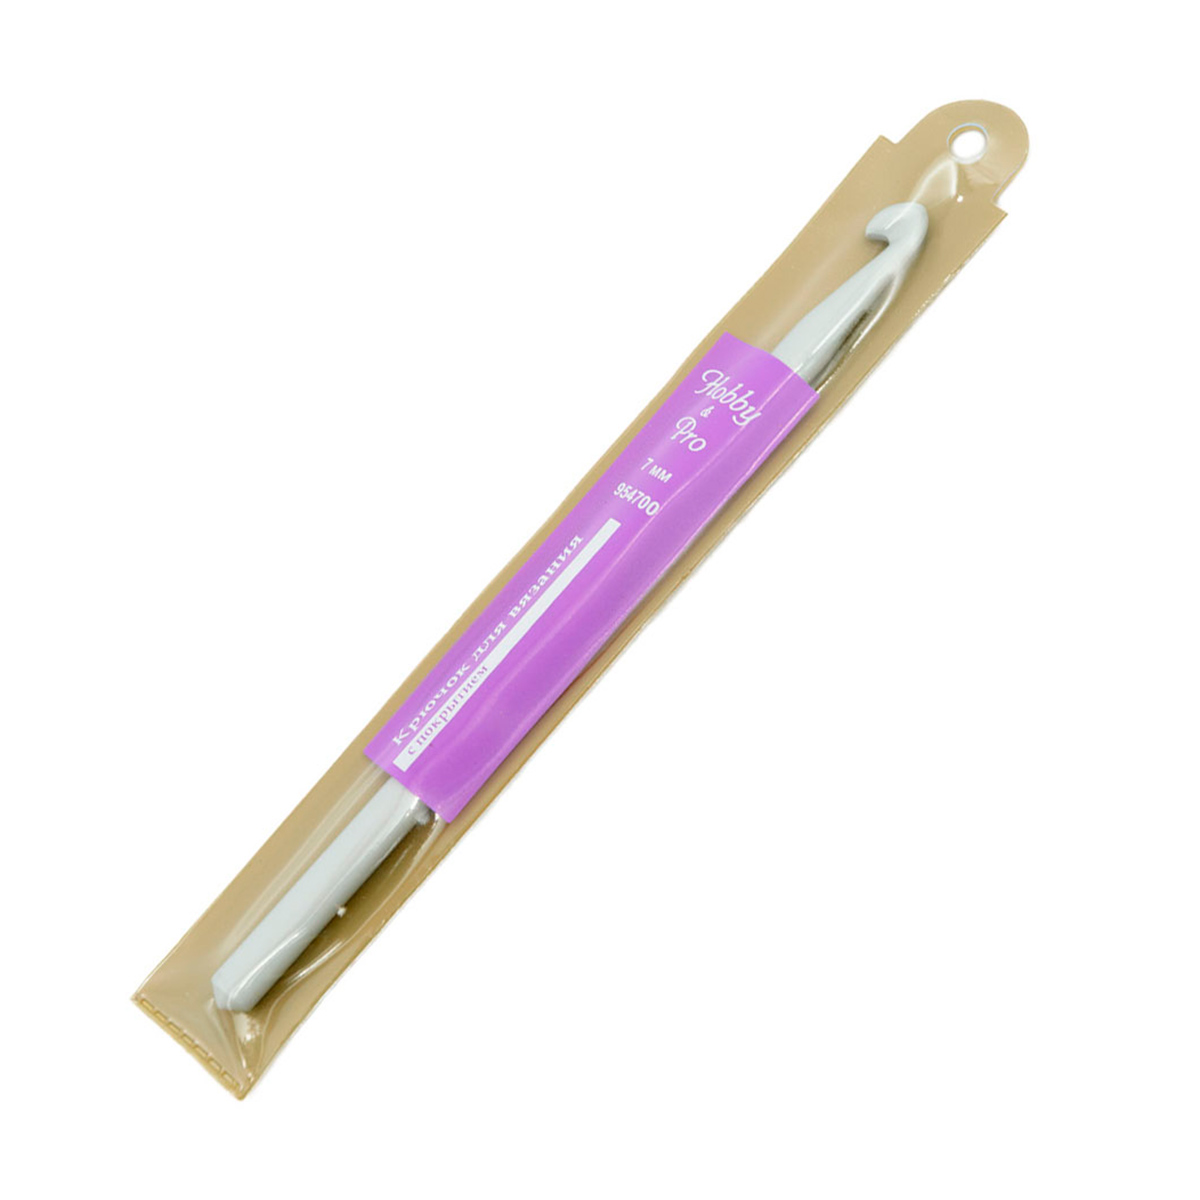 Крючок для вязания с покрытием 954700, 7 мм, Hobby&Pro